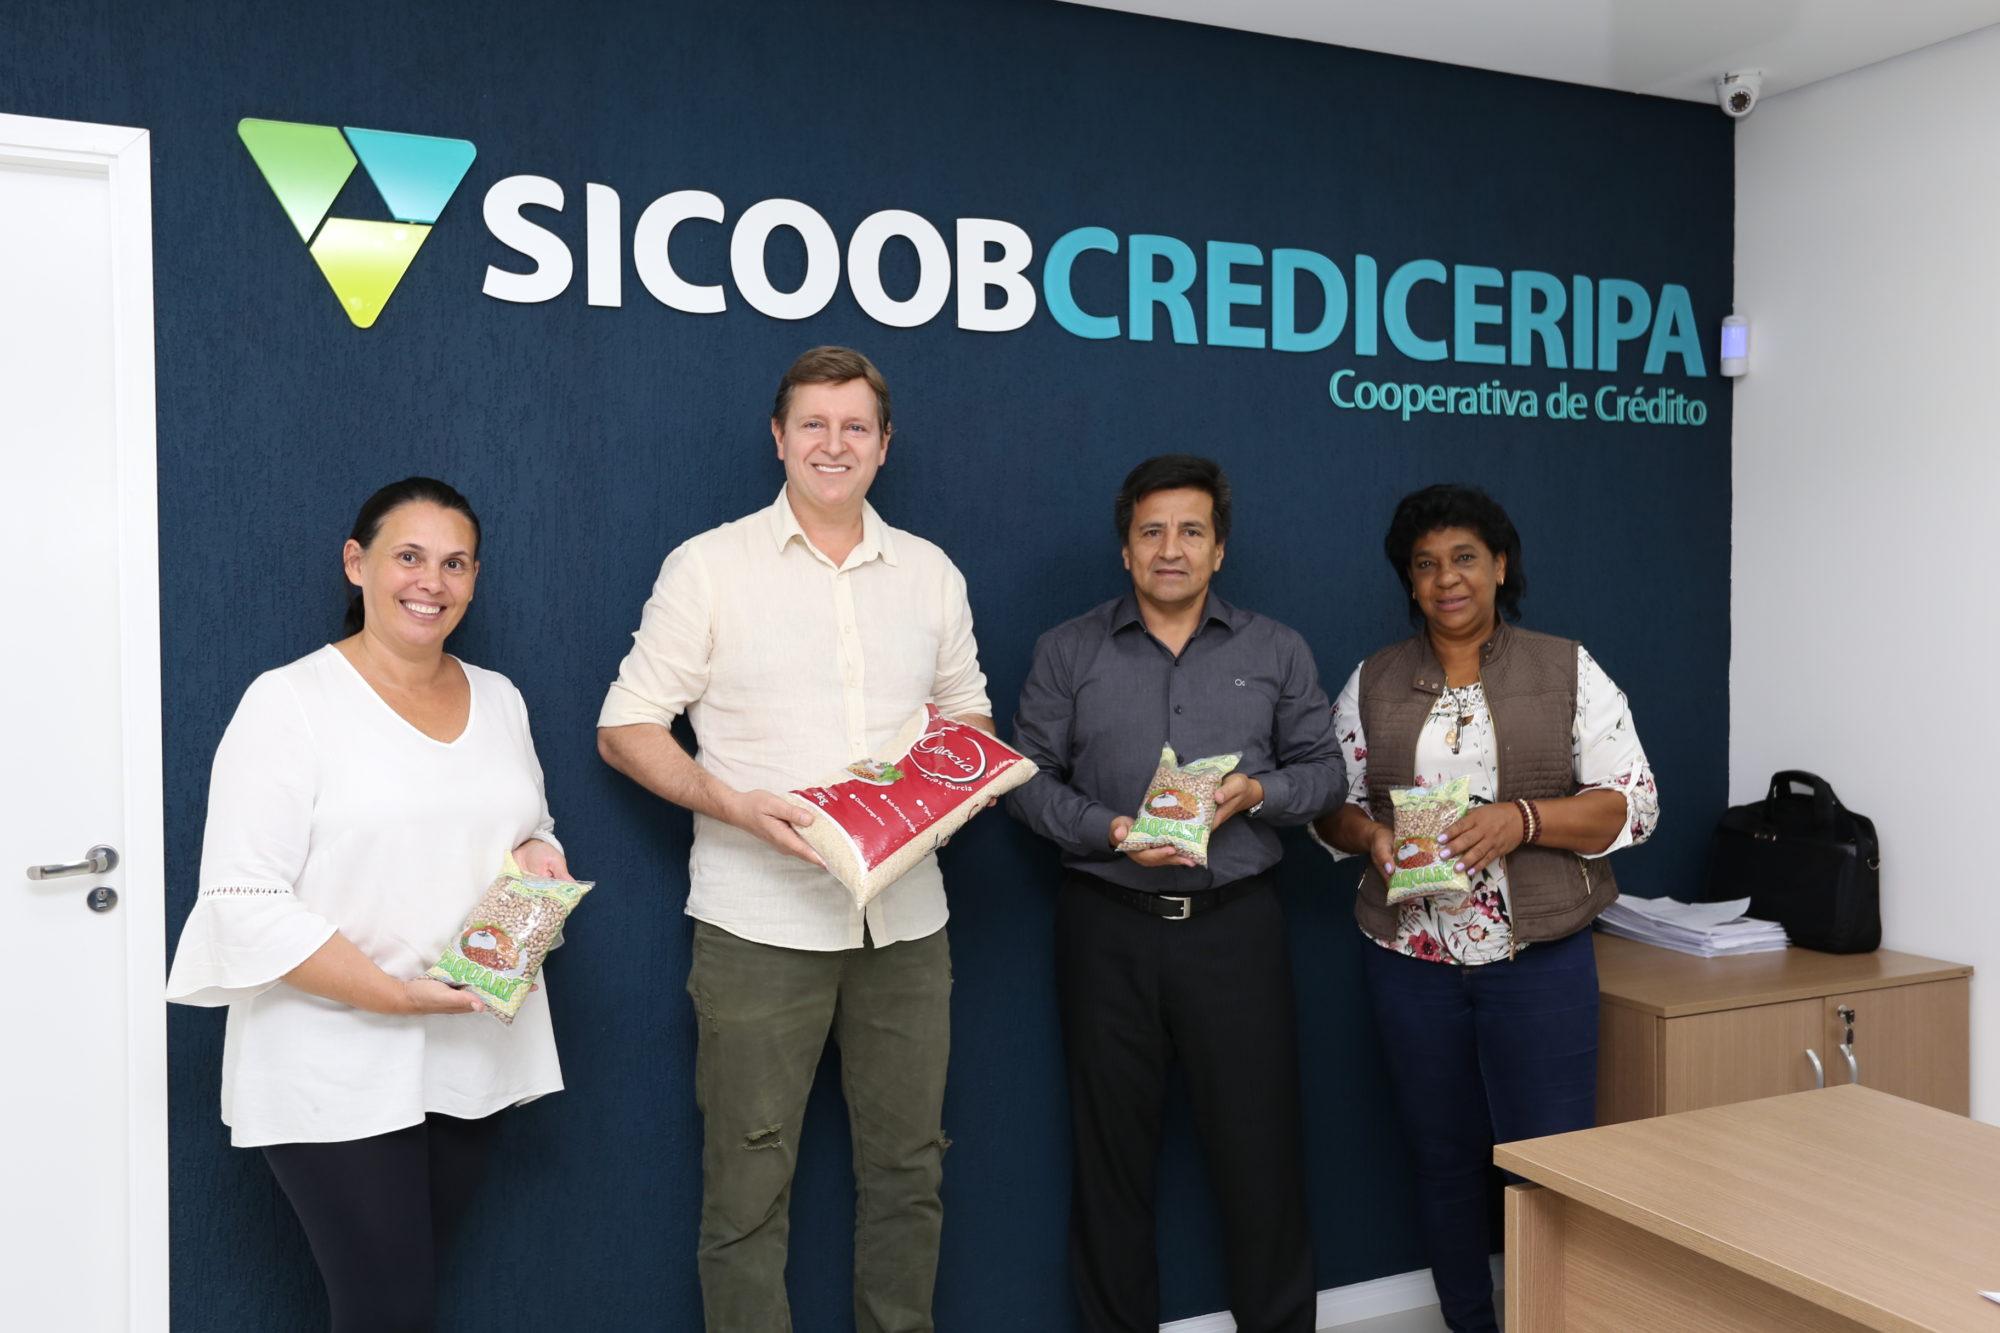 Coronavírus: Prefeitura de Itararé recebe doação de 780 quilos de alimento da Sicoob Crediceripa